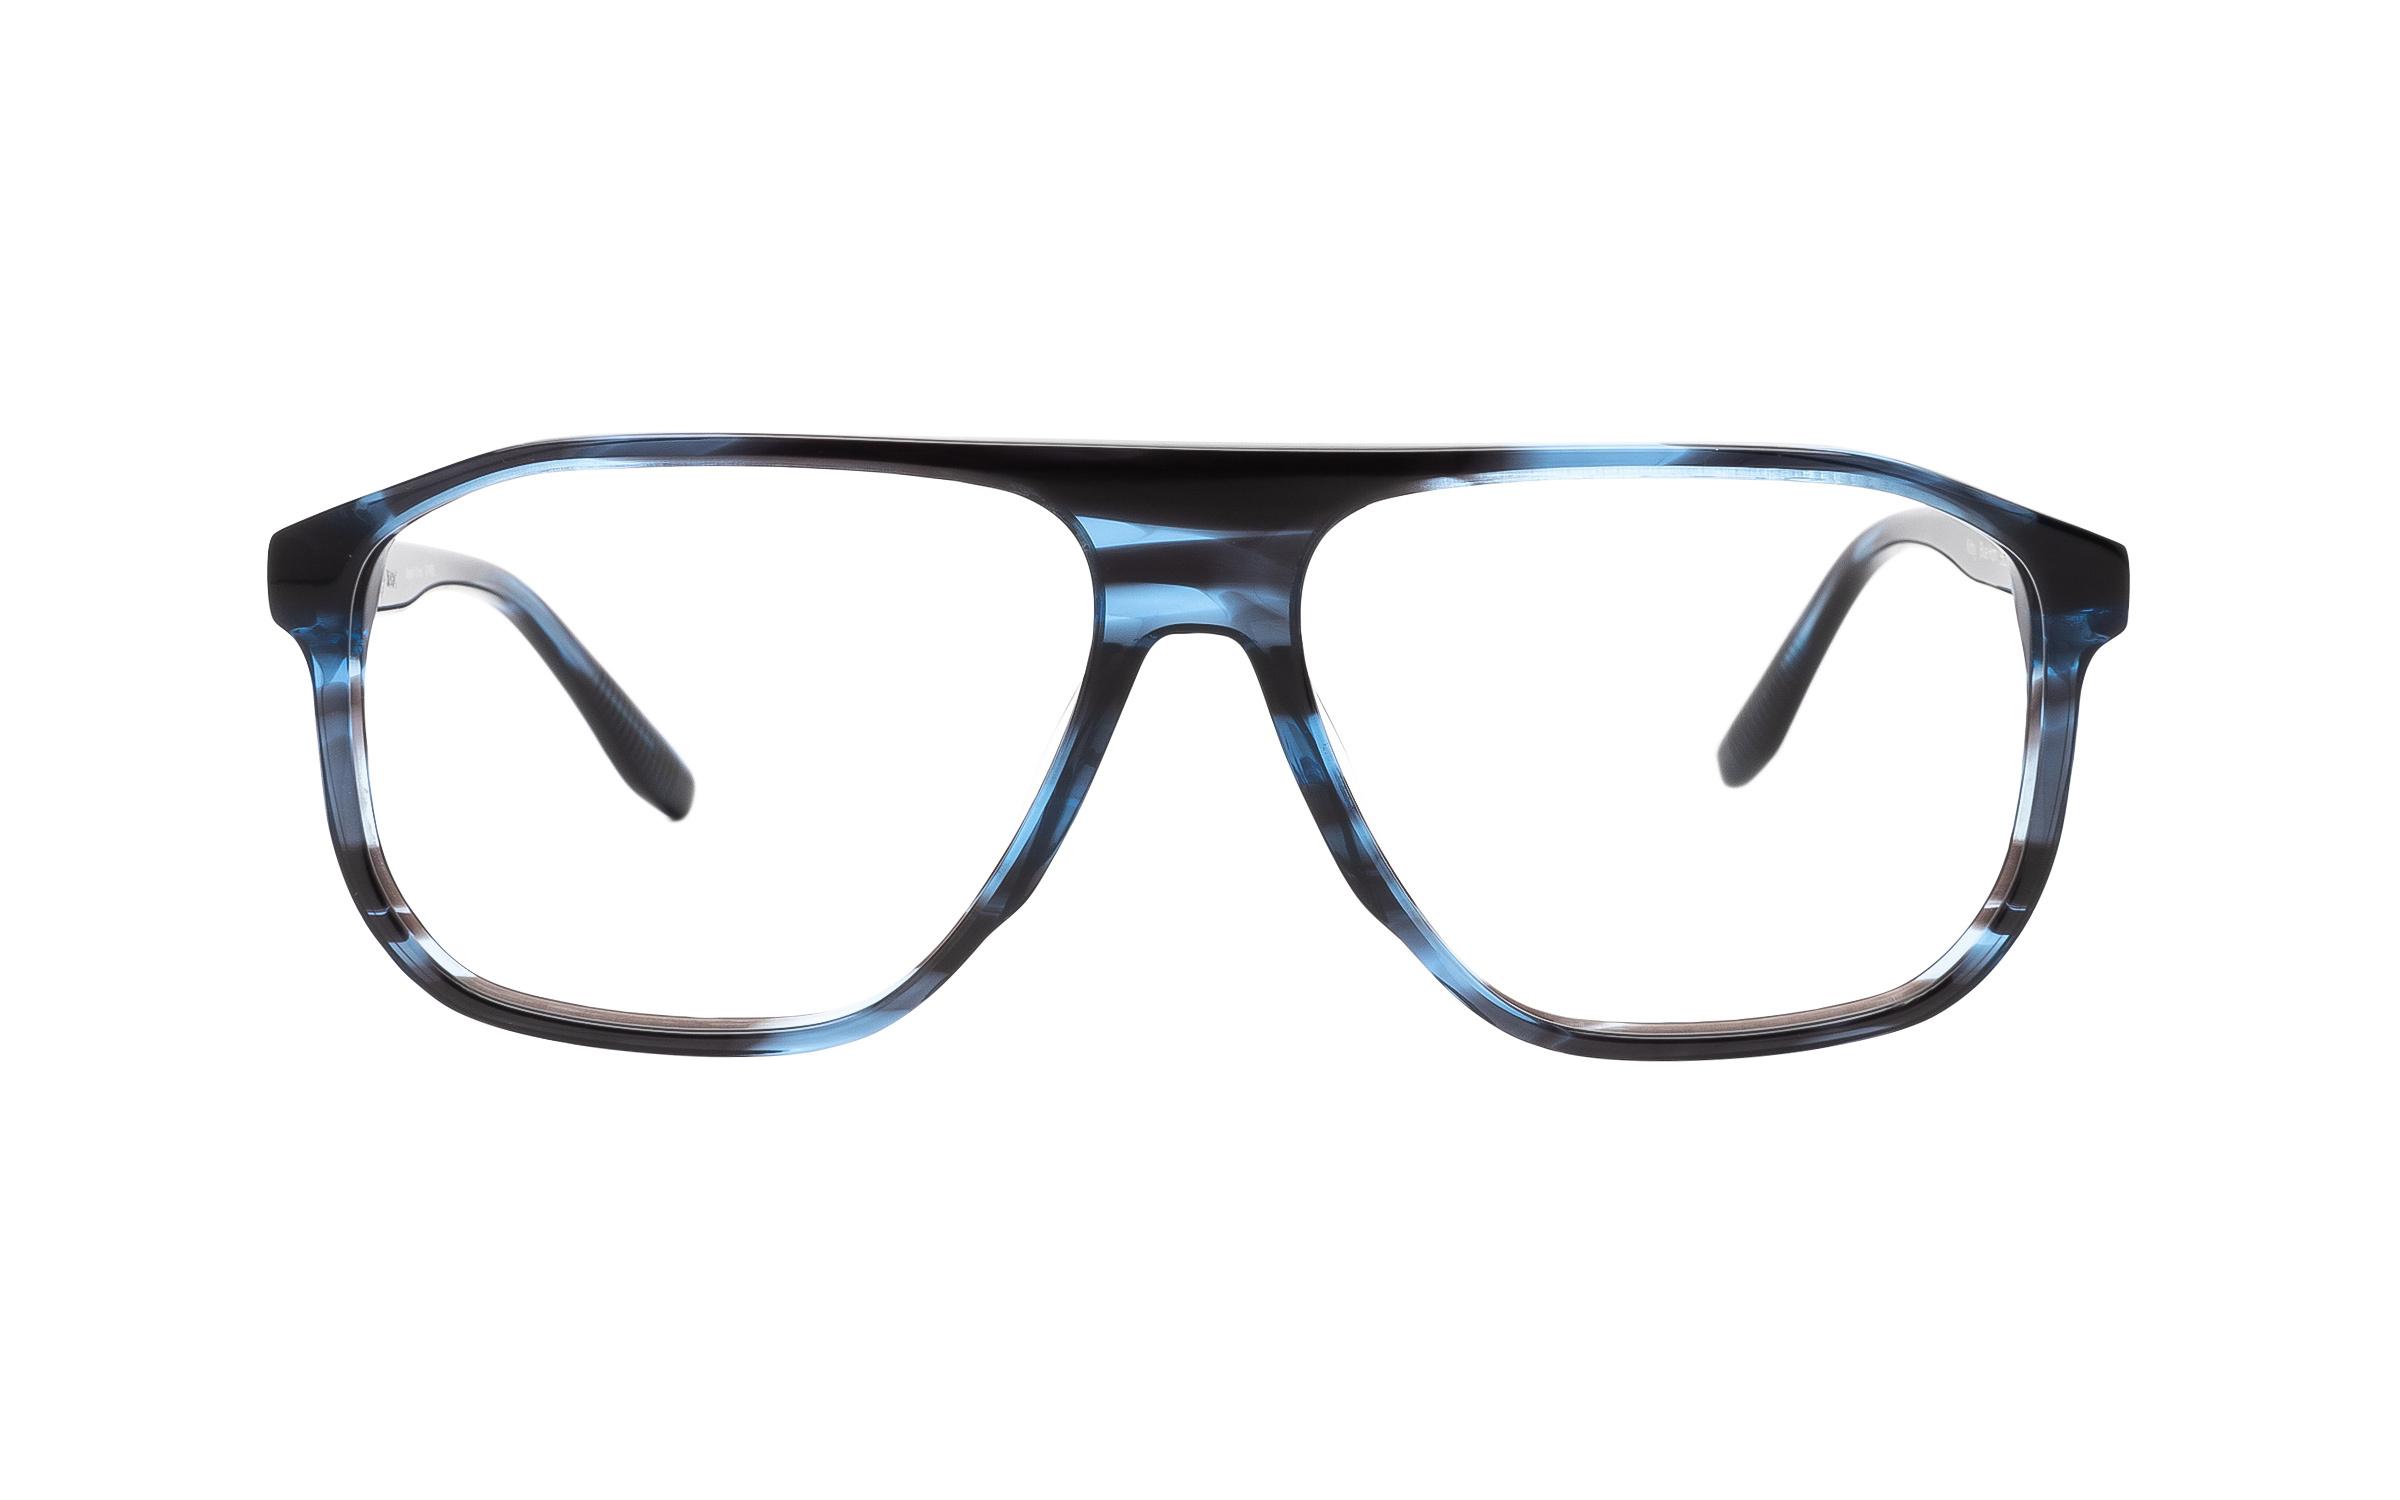 Joseph Marc Men's Kirby (55) Eyeglasses and Frame in Blue Horn